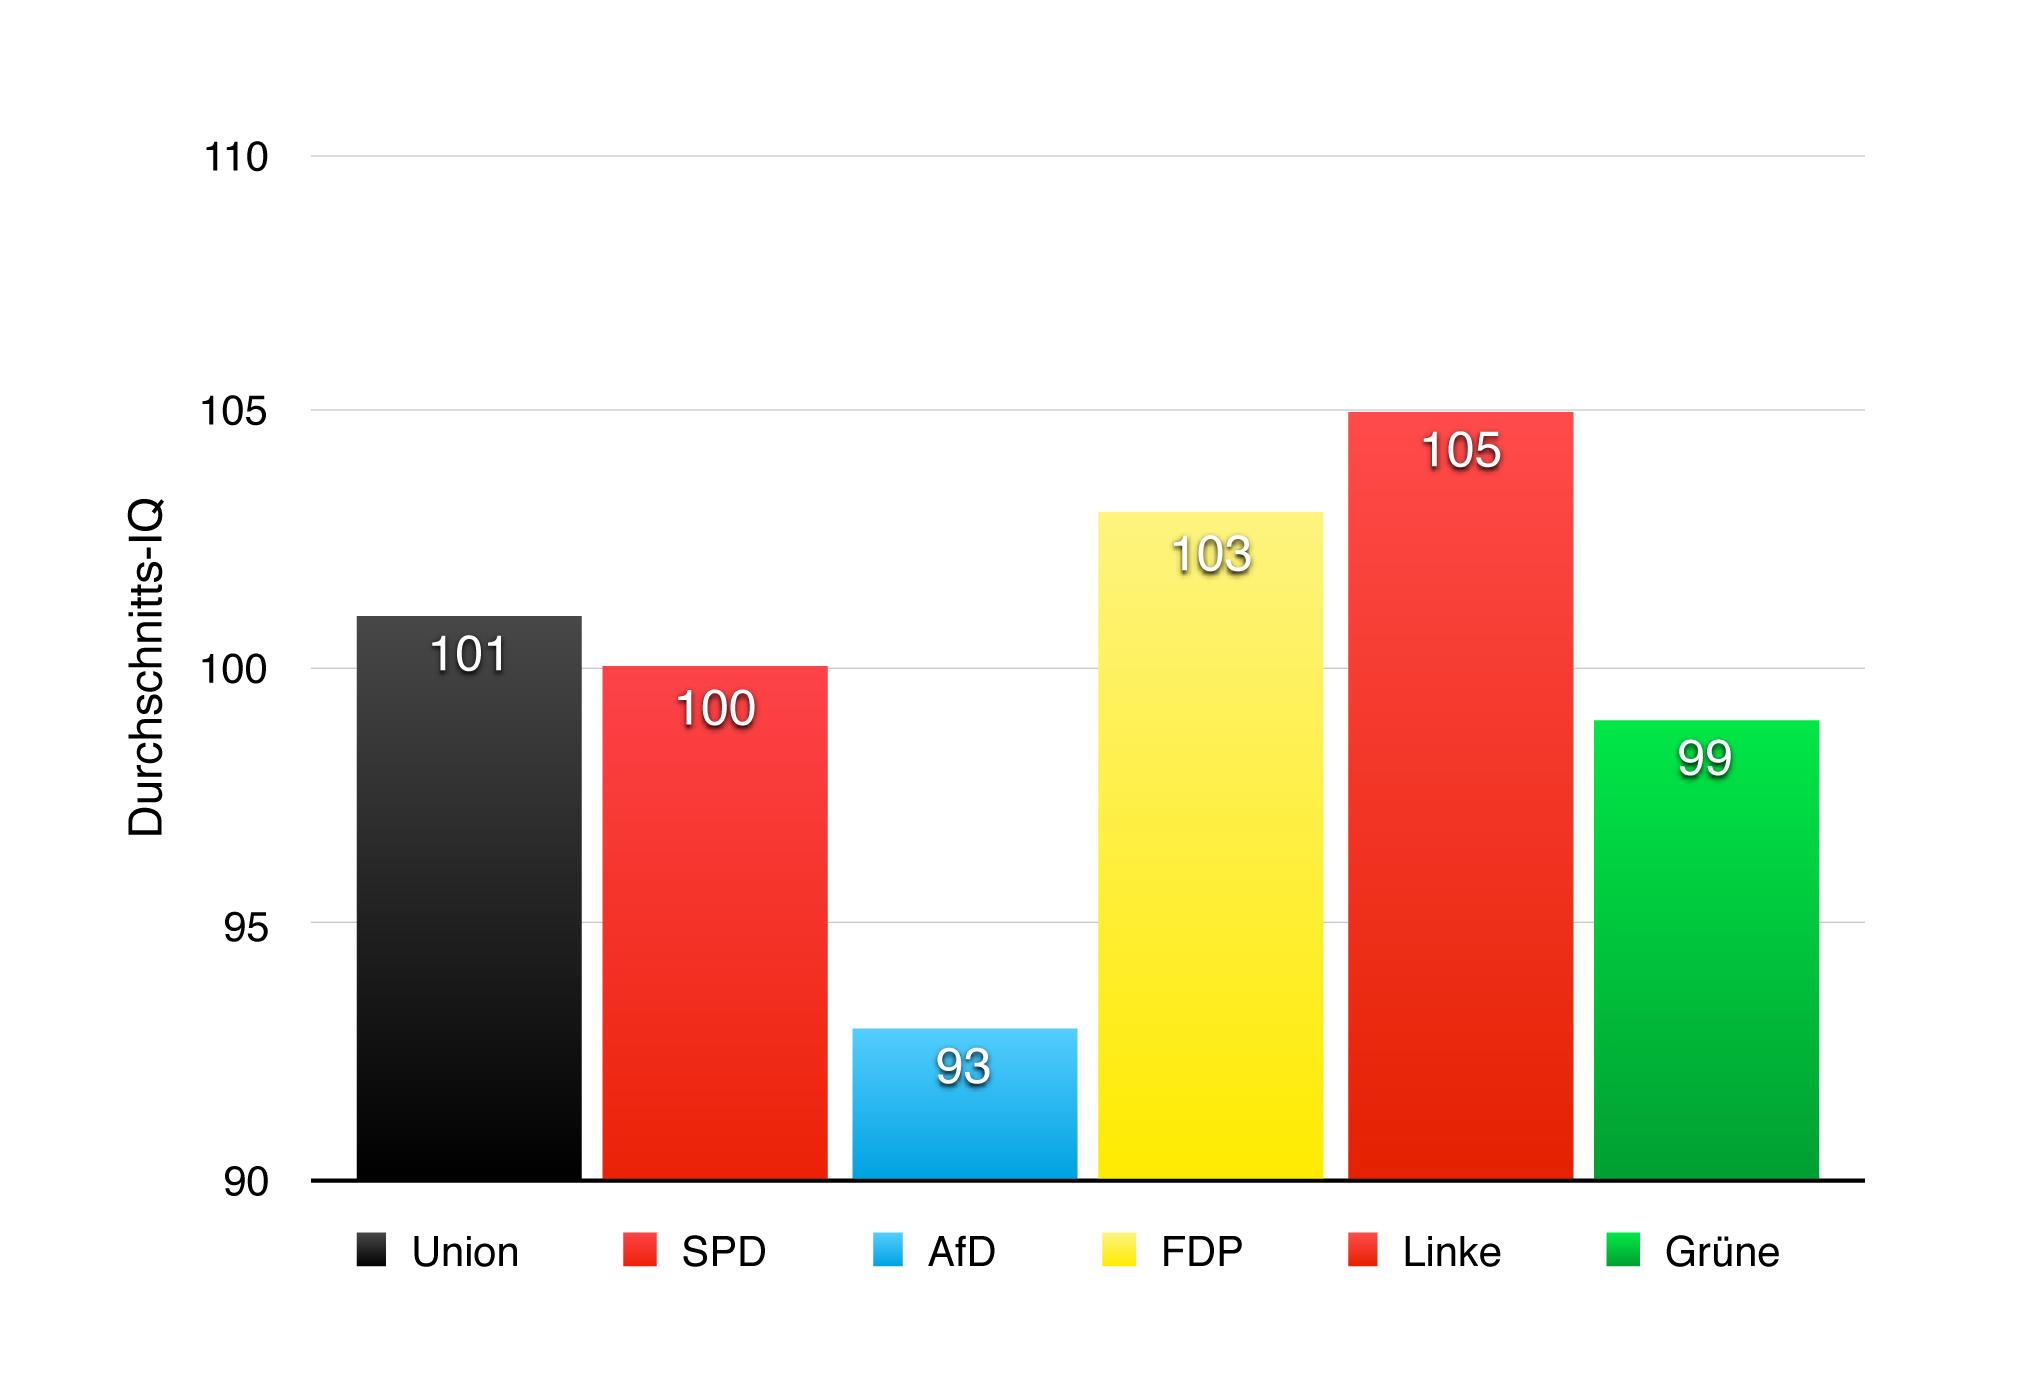 Sechs verschiedenfarbige Balken mit den Ergebnissen (durchschnittlicher IQ): Union: 101 - SPD: 100 - AfD: 93 - FDP: 103 - Linke: 105 - Grüne: 99